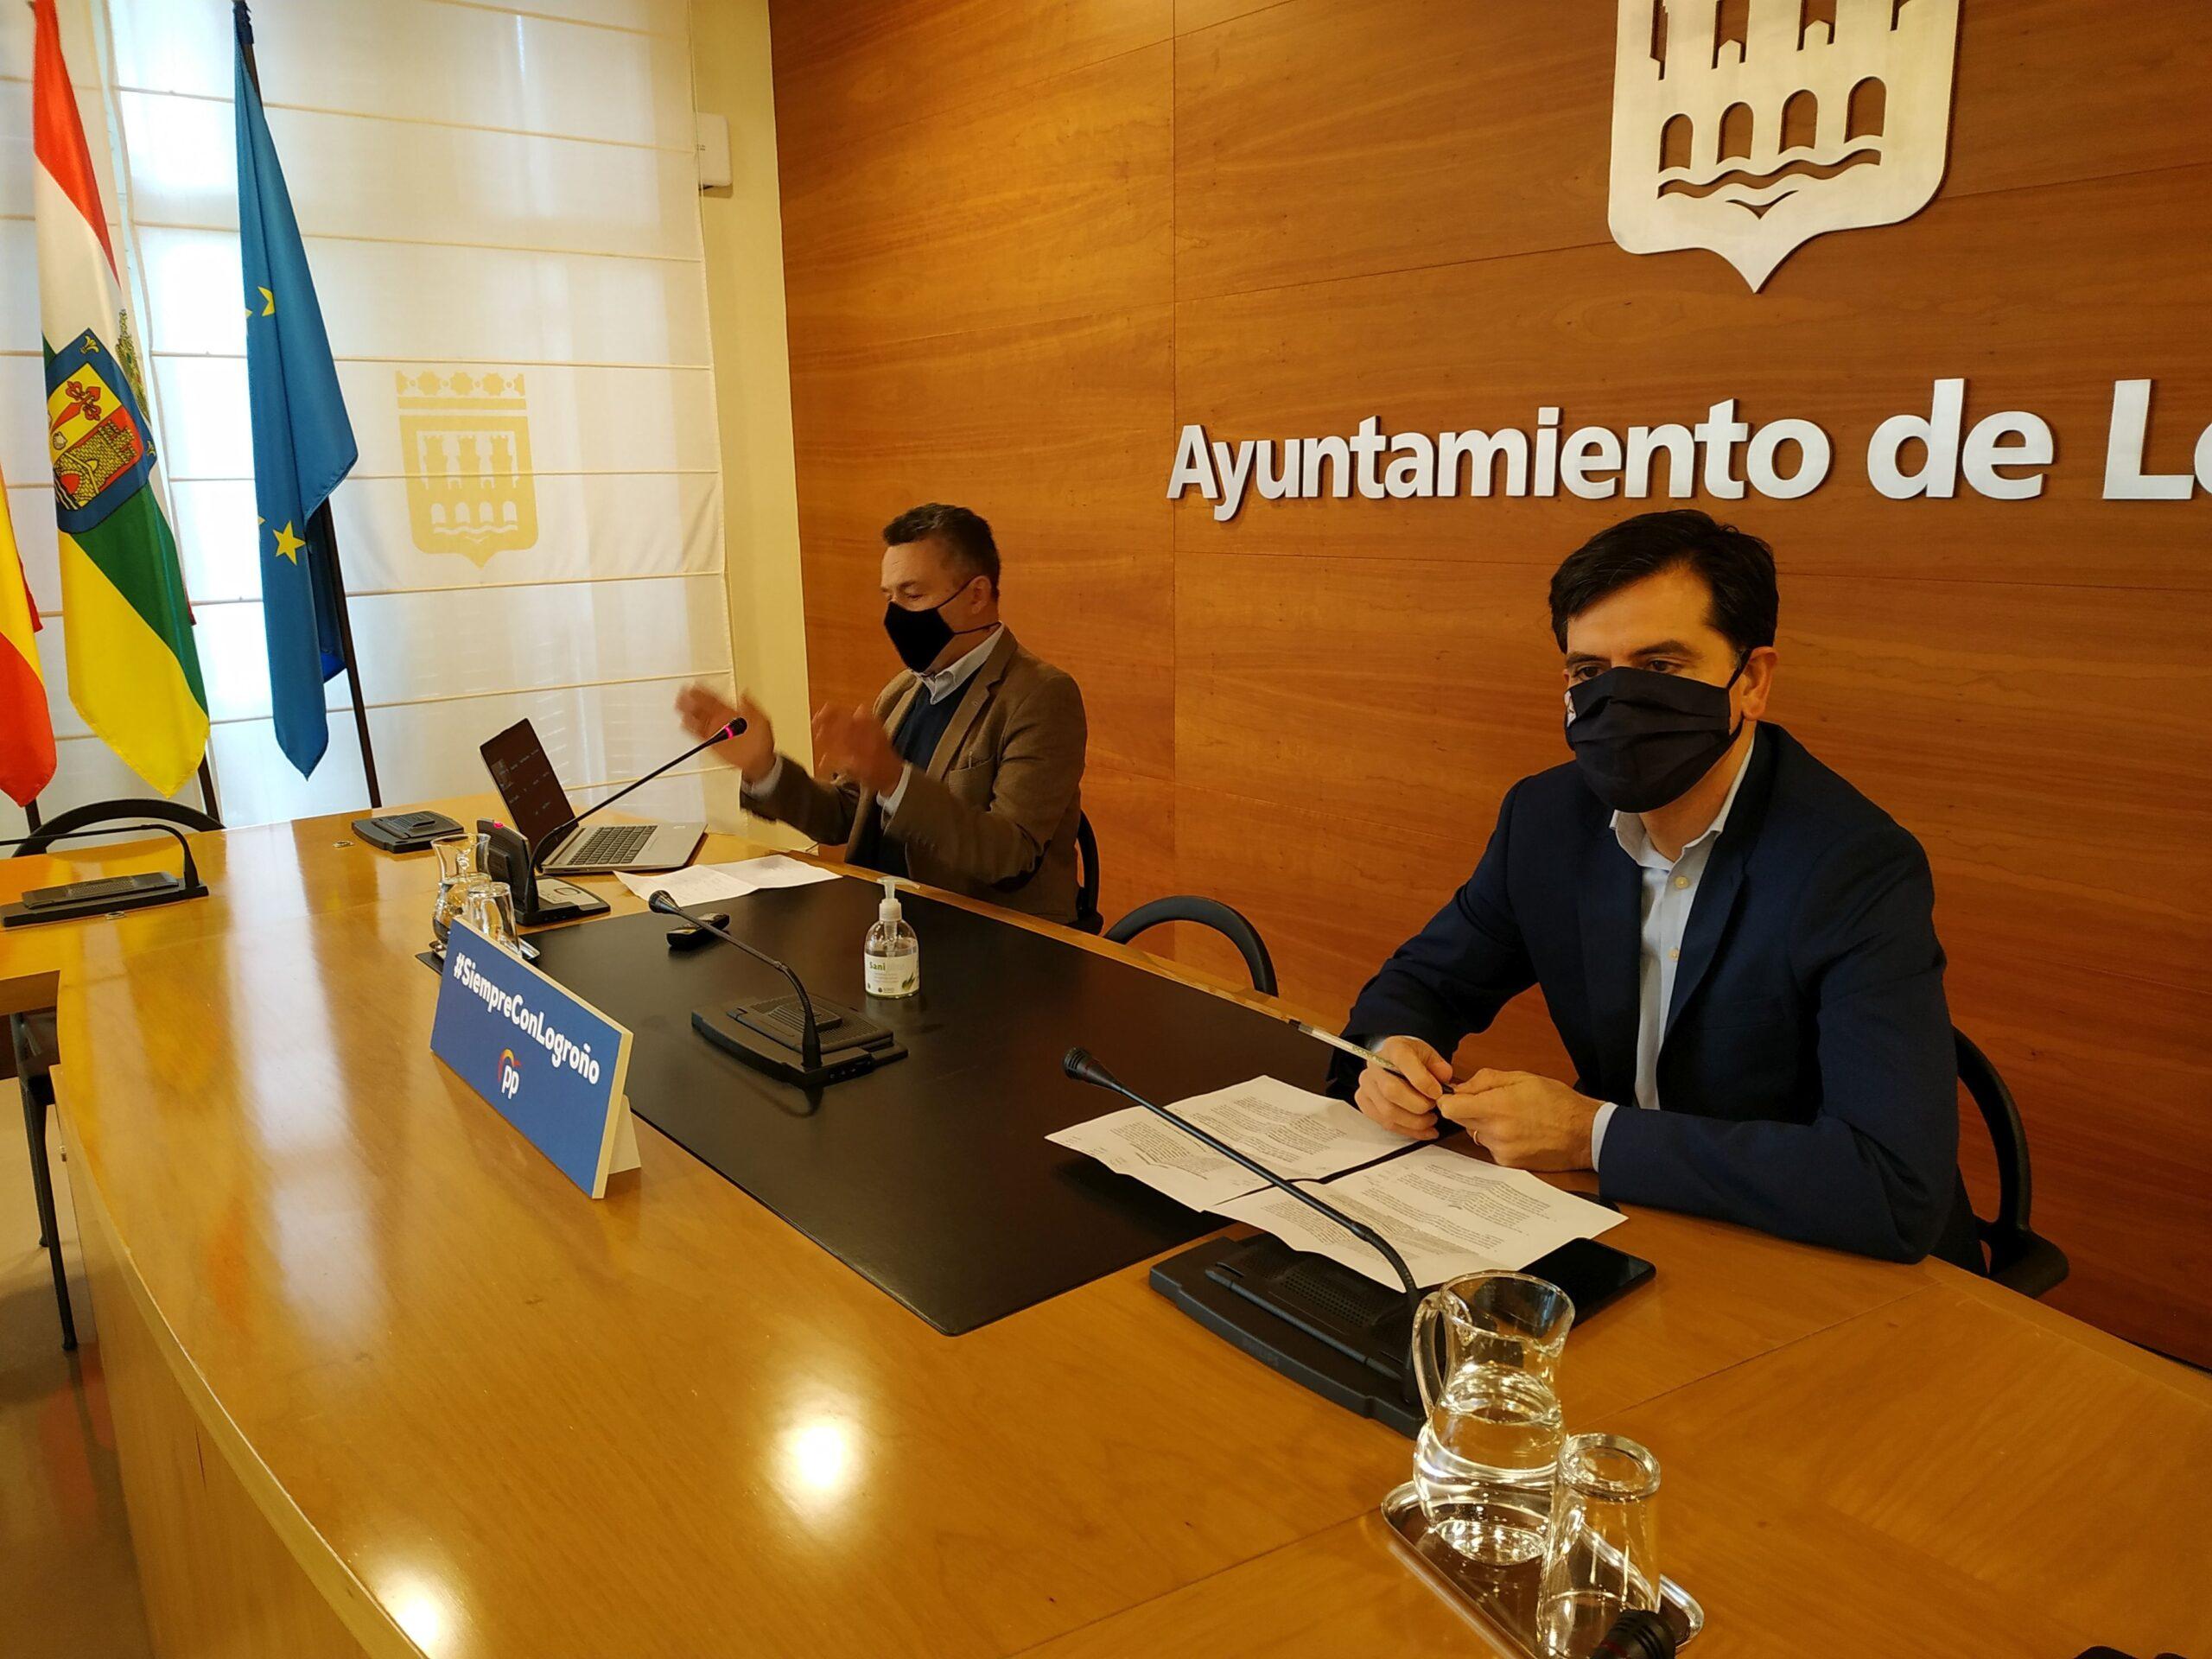 Los populares denuncian la desastrosa gestión de Hermoso de Mendoza en las subvenciones que perjudica al fútbol logroñés y a la ciudad al perder crédito institucional